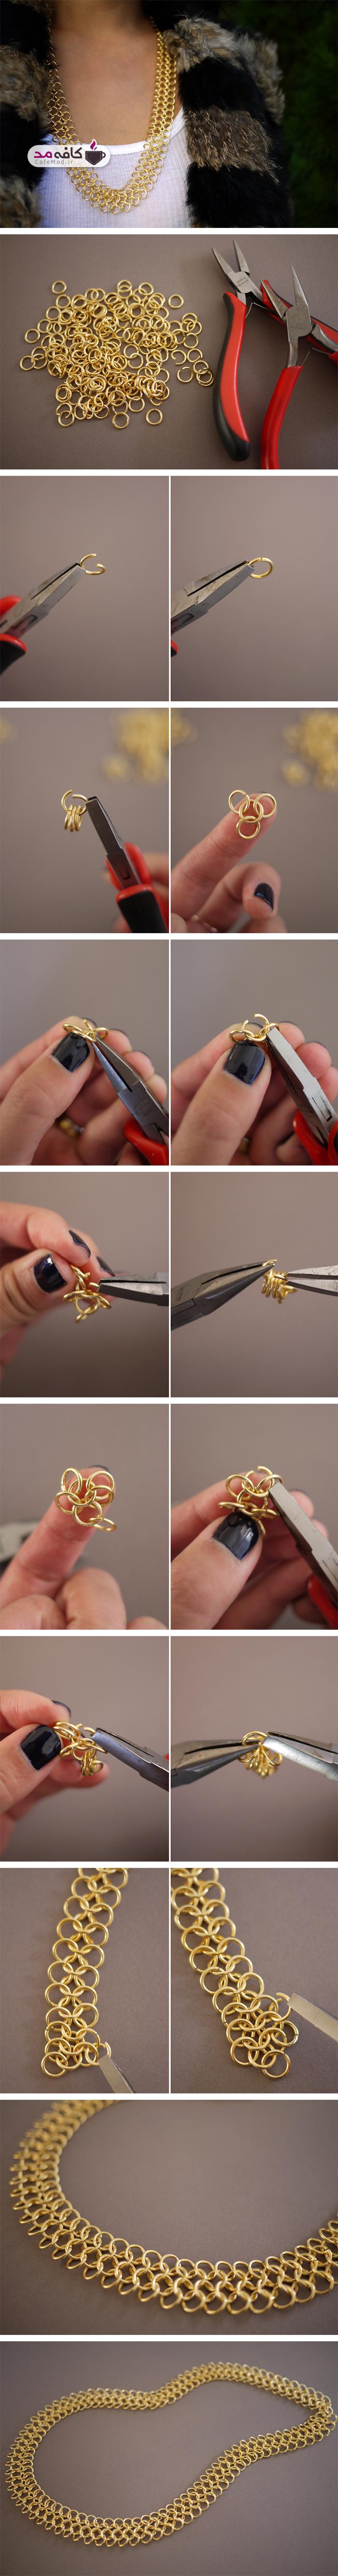 آموزش ساخت گردنبند با حلقه های ریز